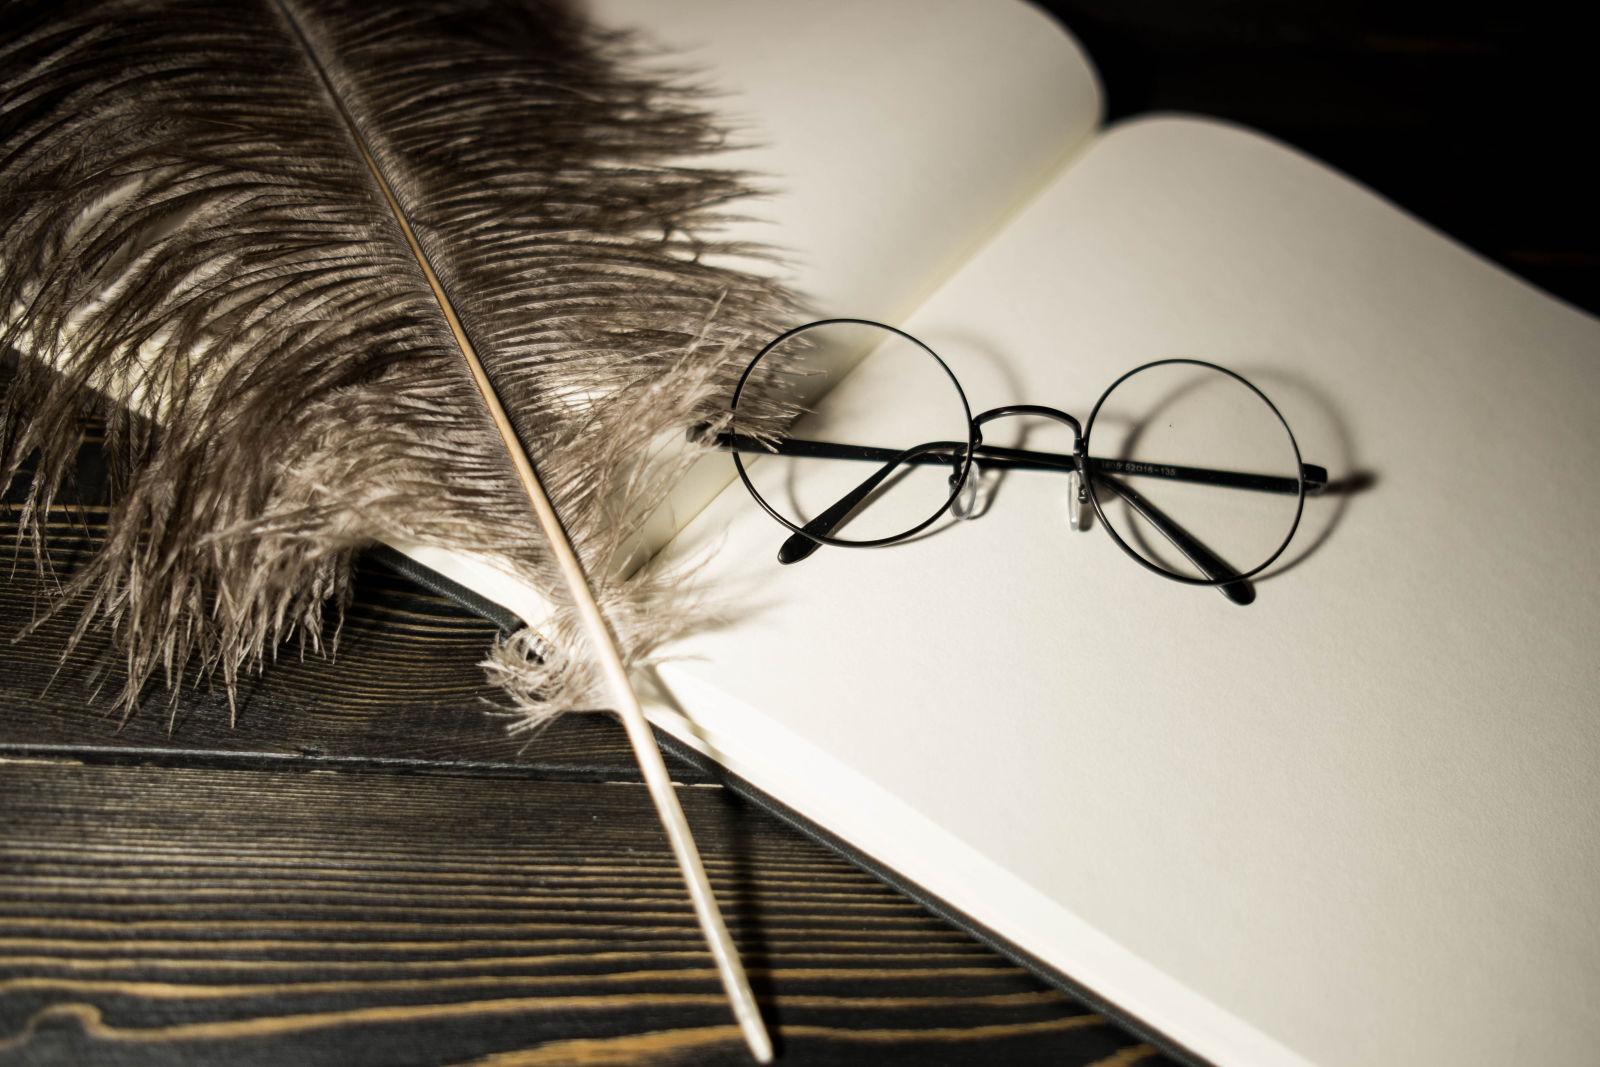 Brille und Federkiel auf einem Buch, Harry Potter